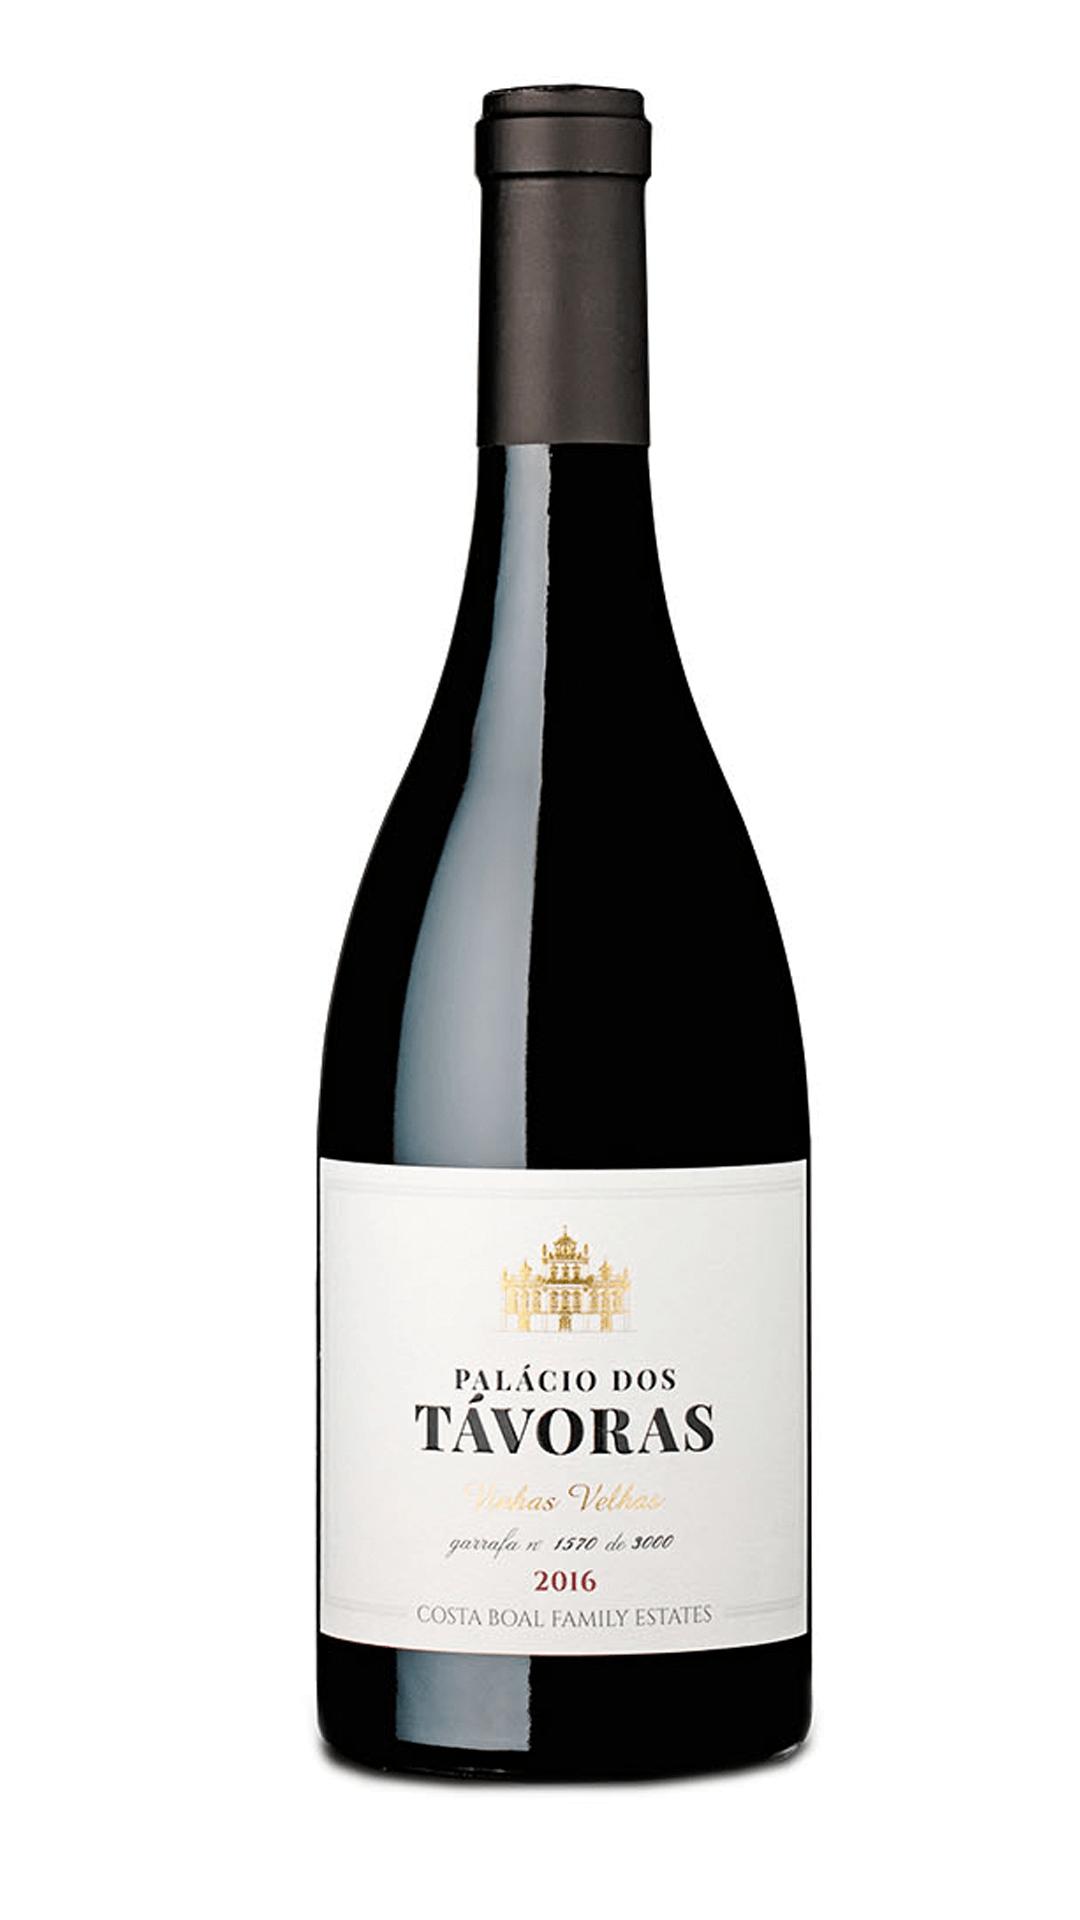 Palacio-dos-Tavoras-Vinhas-Velhas-750ml-Tras-os-Montes